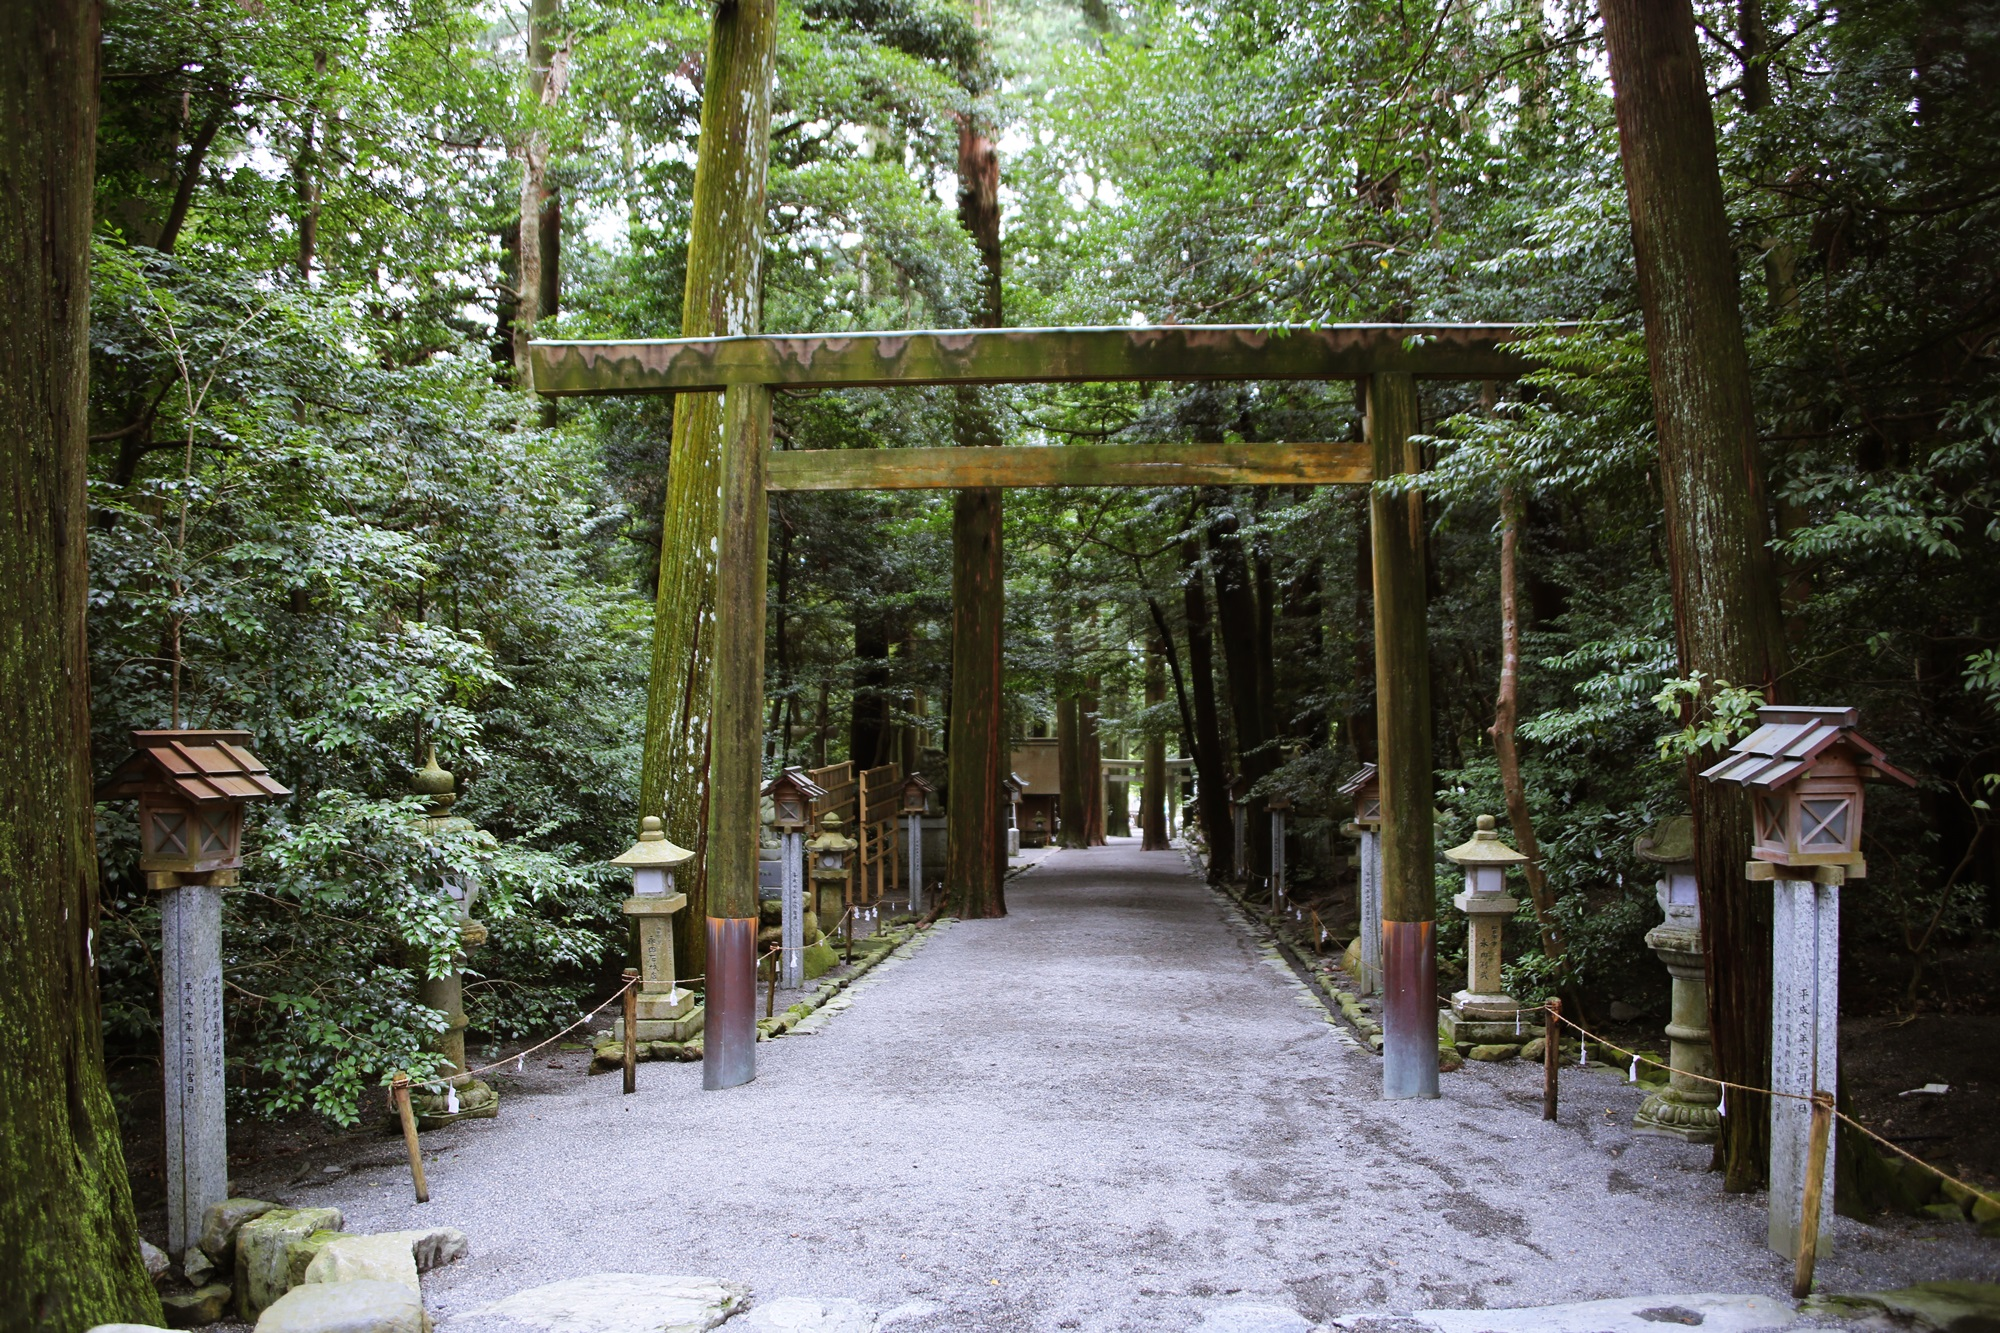 椿大神社 (つばきおおかみやしろ) tsubakiookamiyashiro (8)